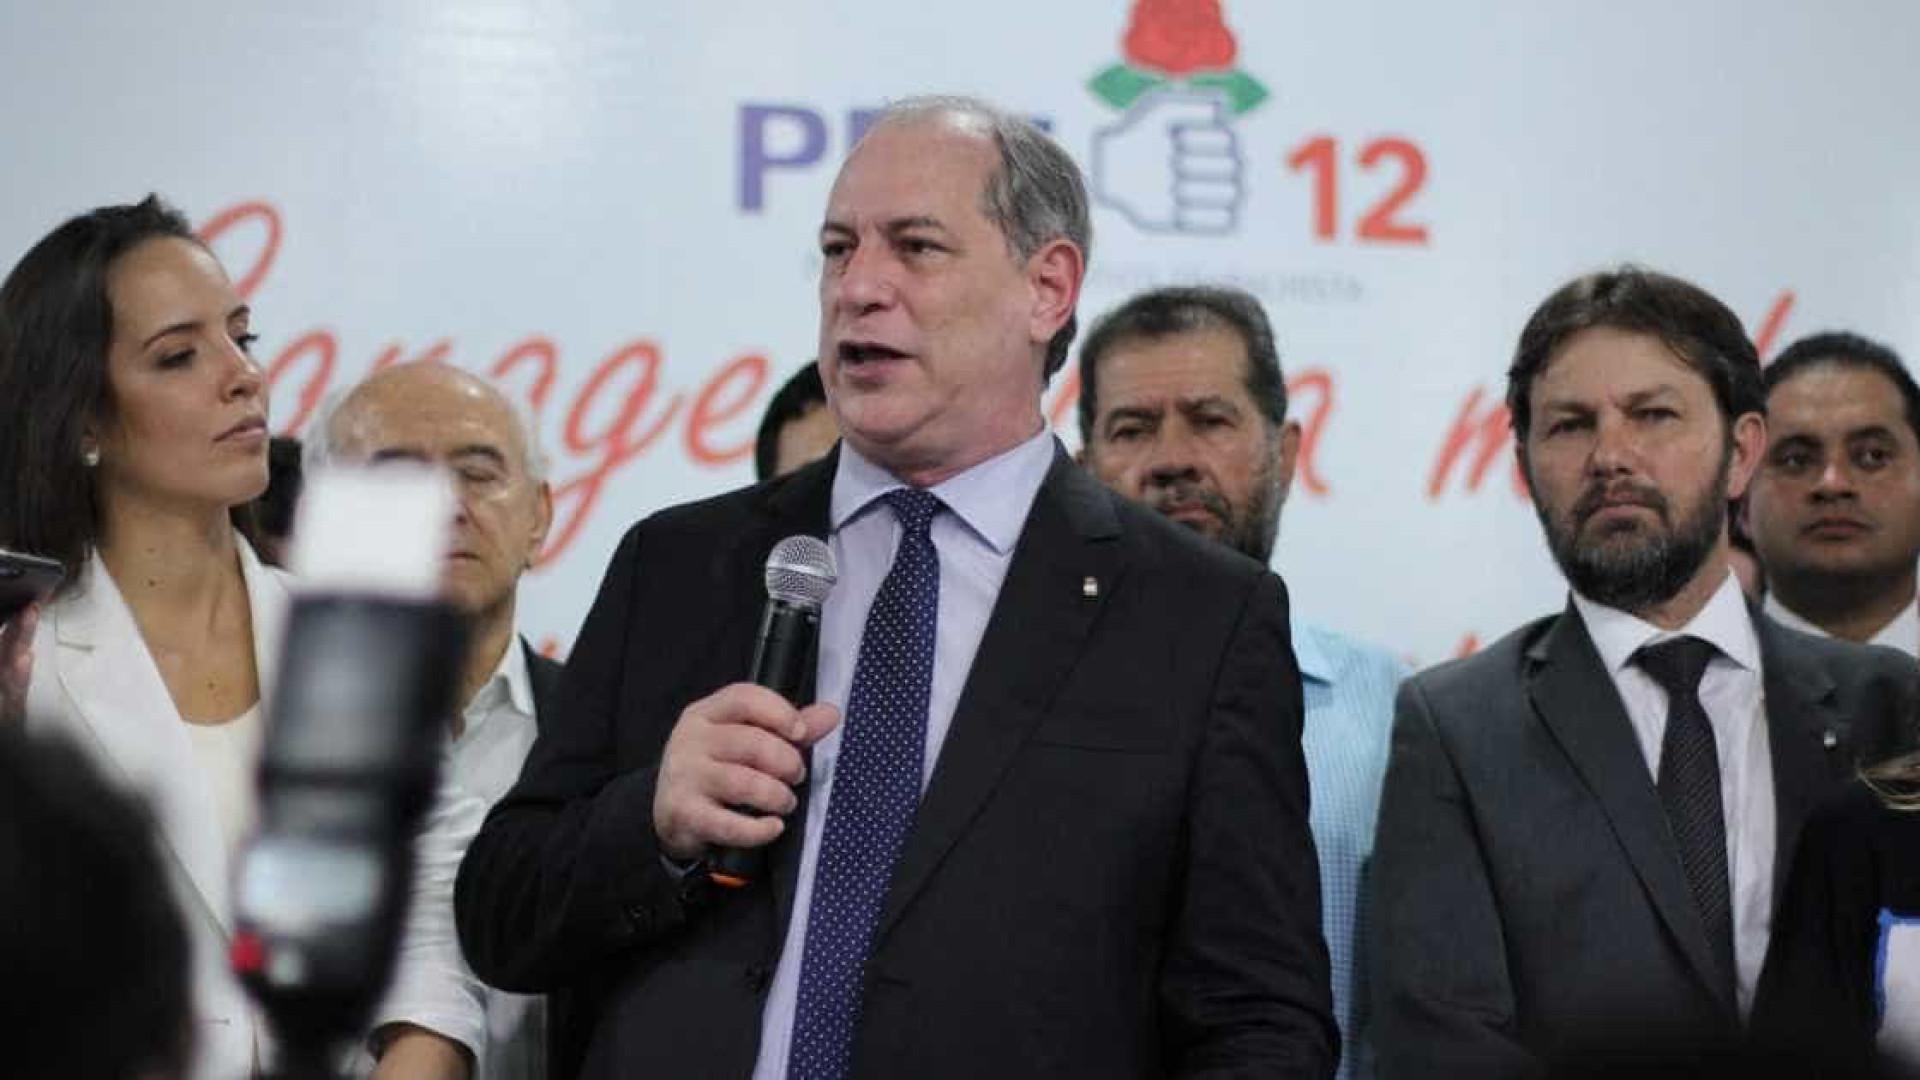 Caetano Veloso diz que se prepara para votar em Ciro Gomes